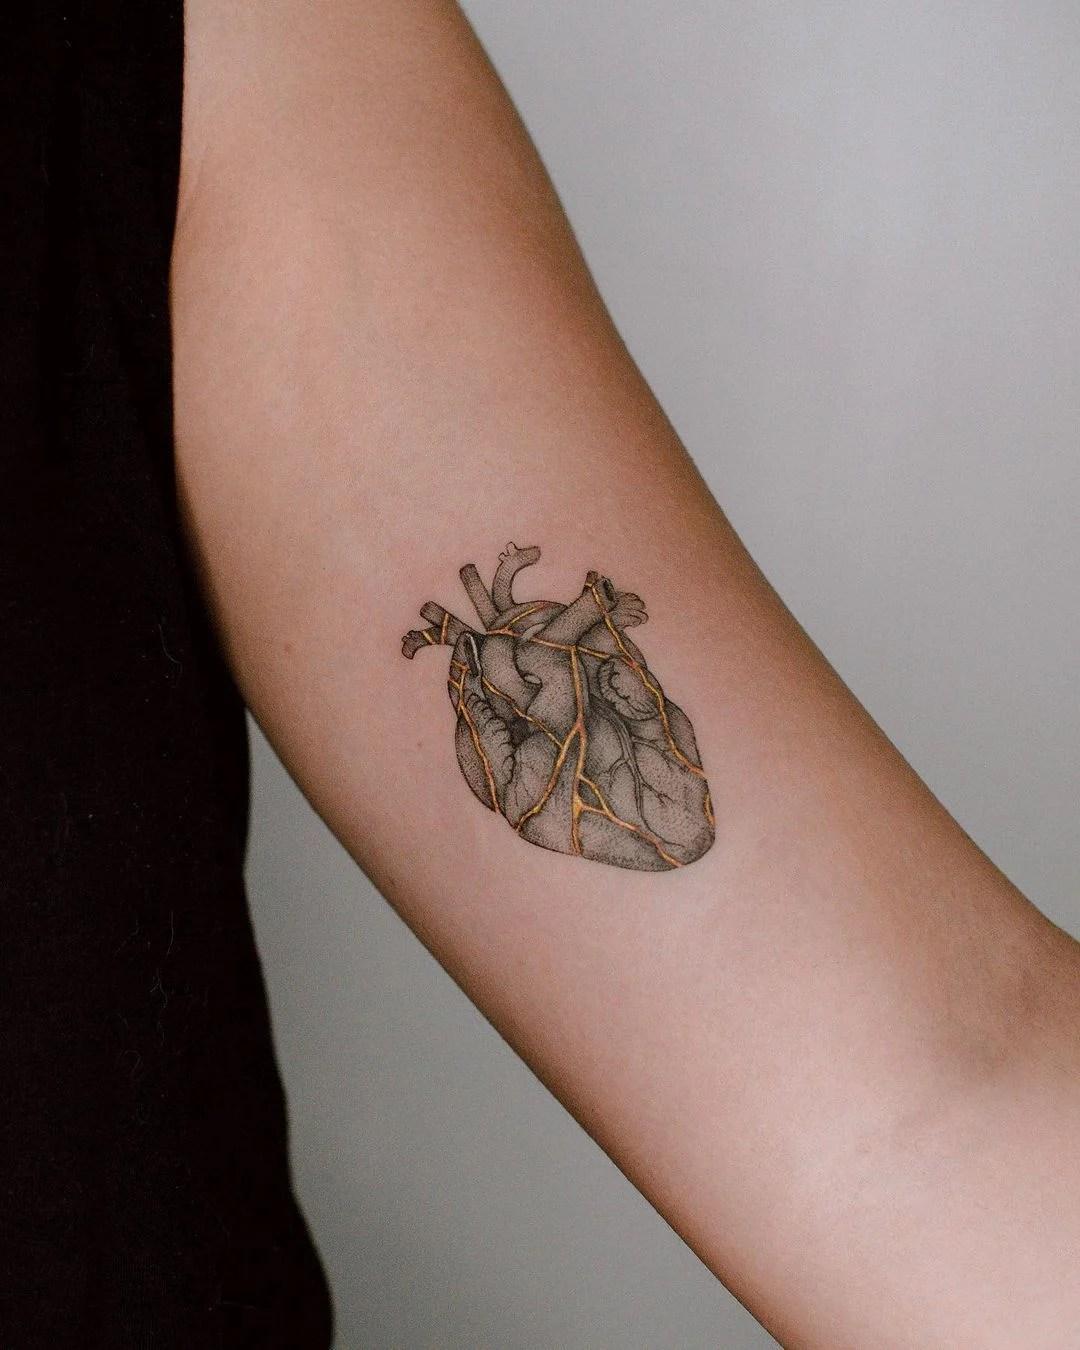 Tatooo de coração, traço fino.